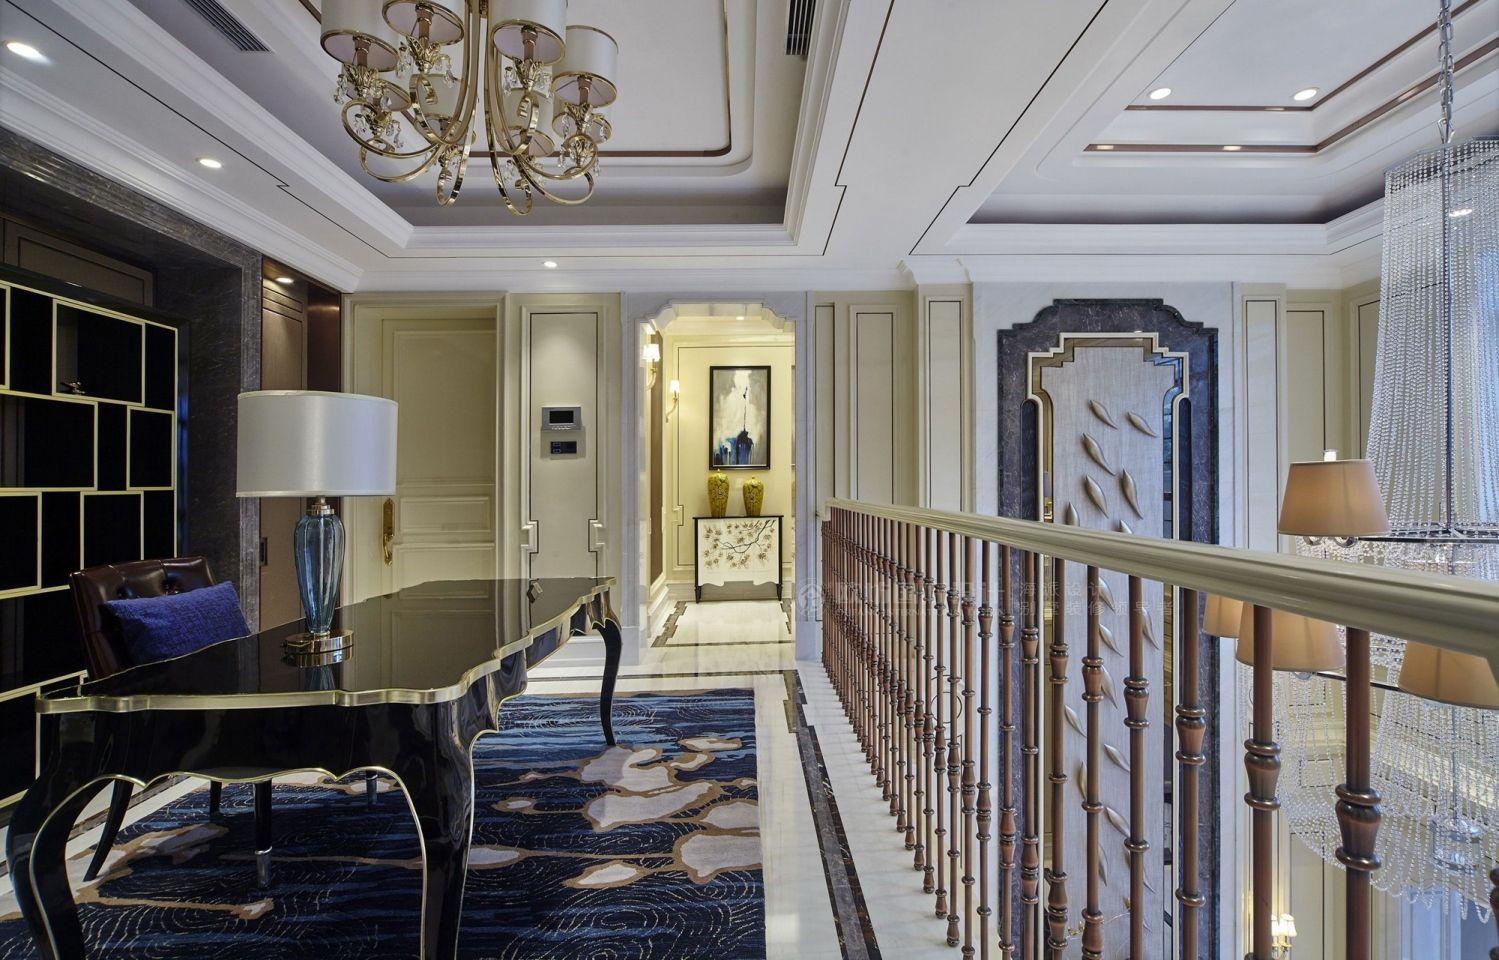 主要以新古典美式的设计手法表现整个别墅的室内空间,客厅以暖色为主调性,浅棕色与蓝色进行大胆的色彩碰撞。背景墙的特殊材质让空间充满艺术氛围,增强视觉立体感。从高空轻盈垂落的水晶吊灯营造出华丽的气质,又强调了中庭挑高的纵向视觉效果,点亮了客厅间,配以经典的真丝躺椅点缀,呈现低奢、大气之风,蓝色的饰品点缀运用的恰到好处,丝绒的材质尽显奢华。书房的开放增加空间的通透。